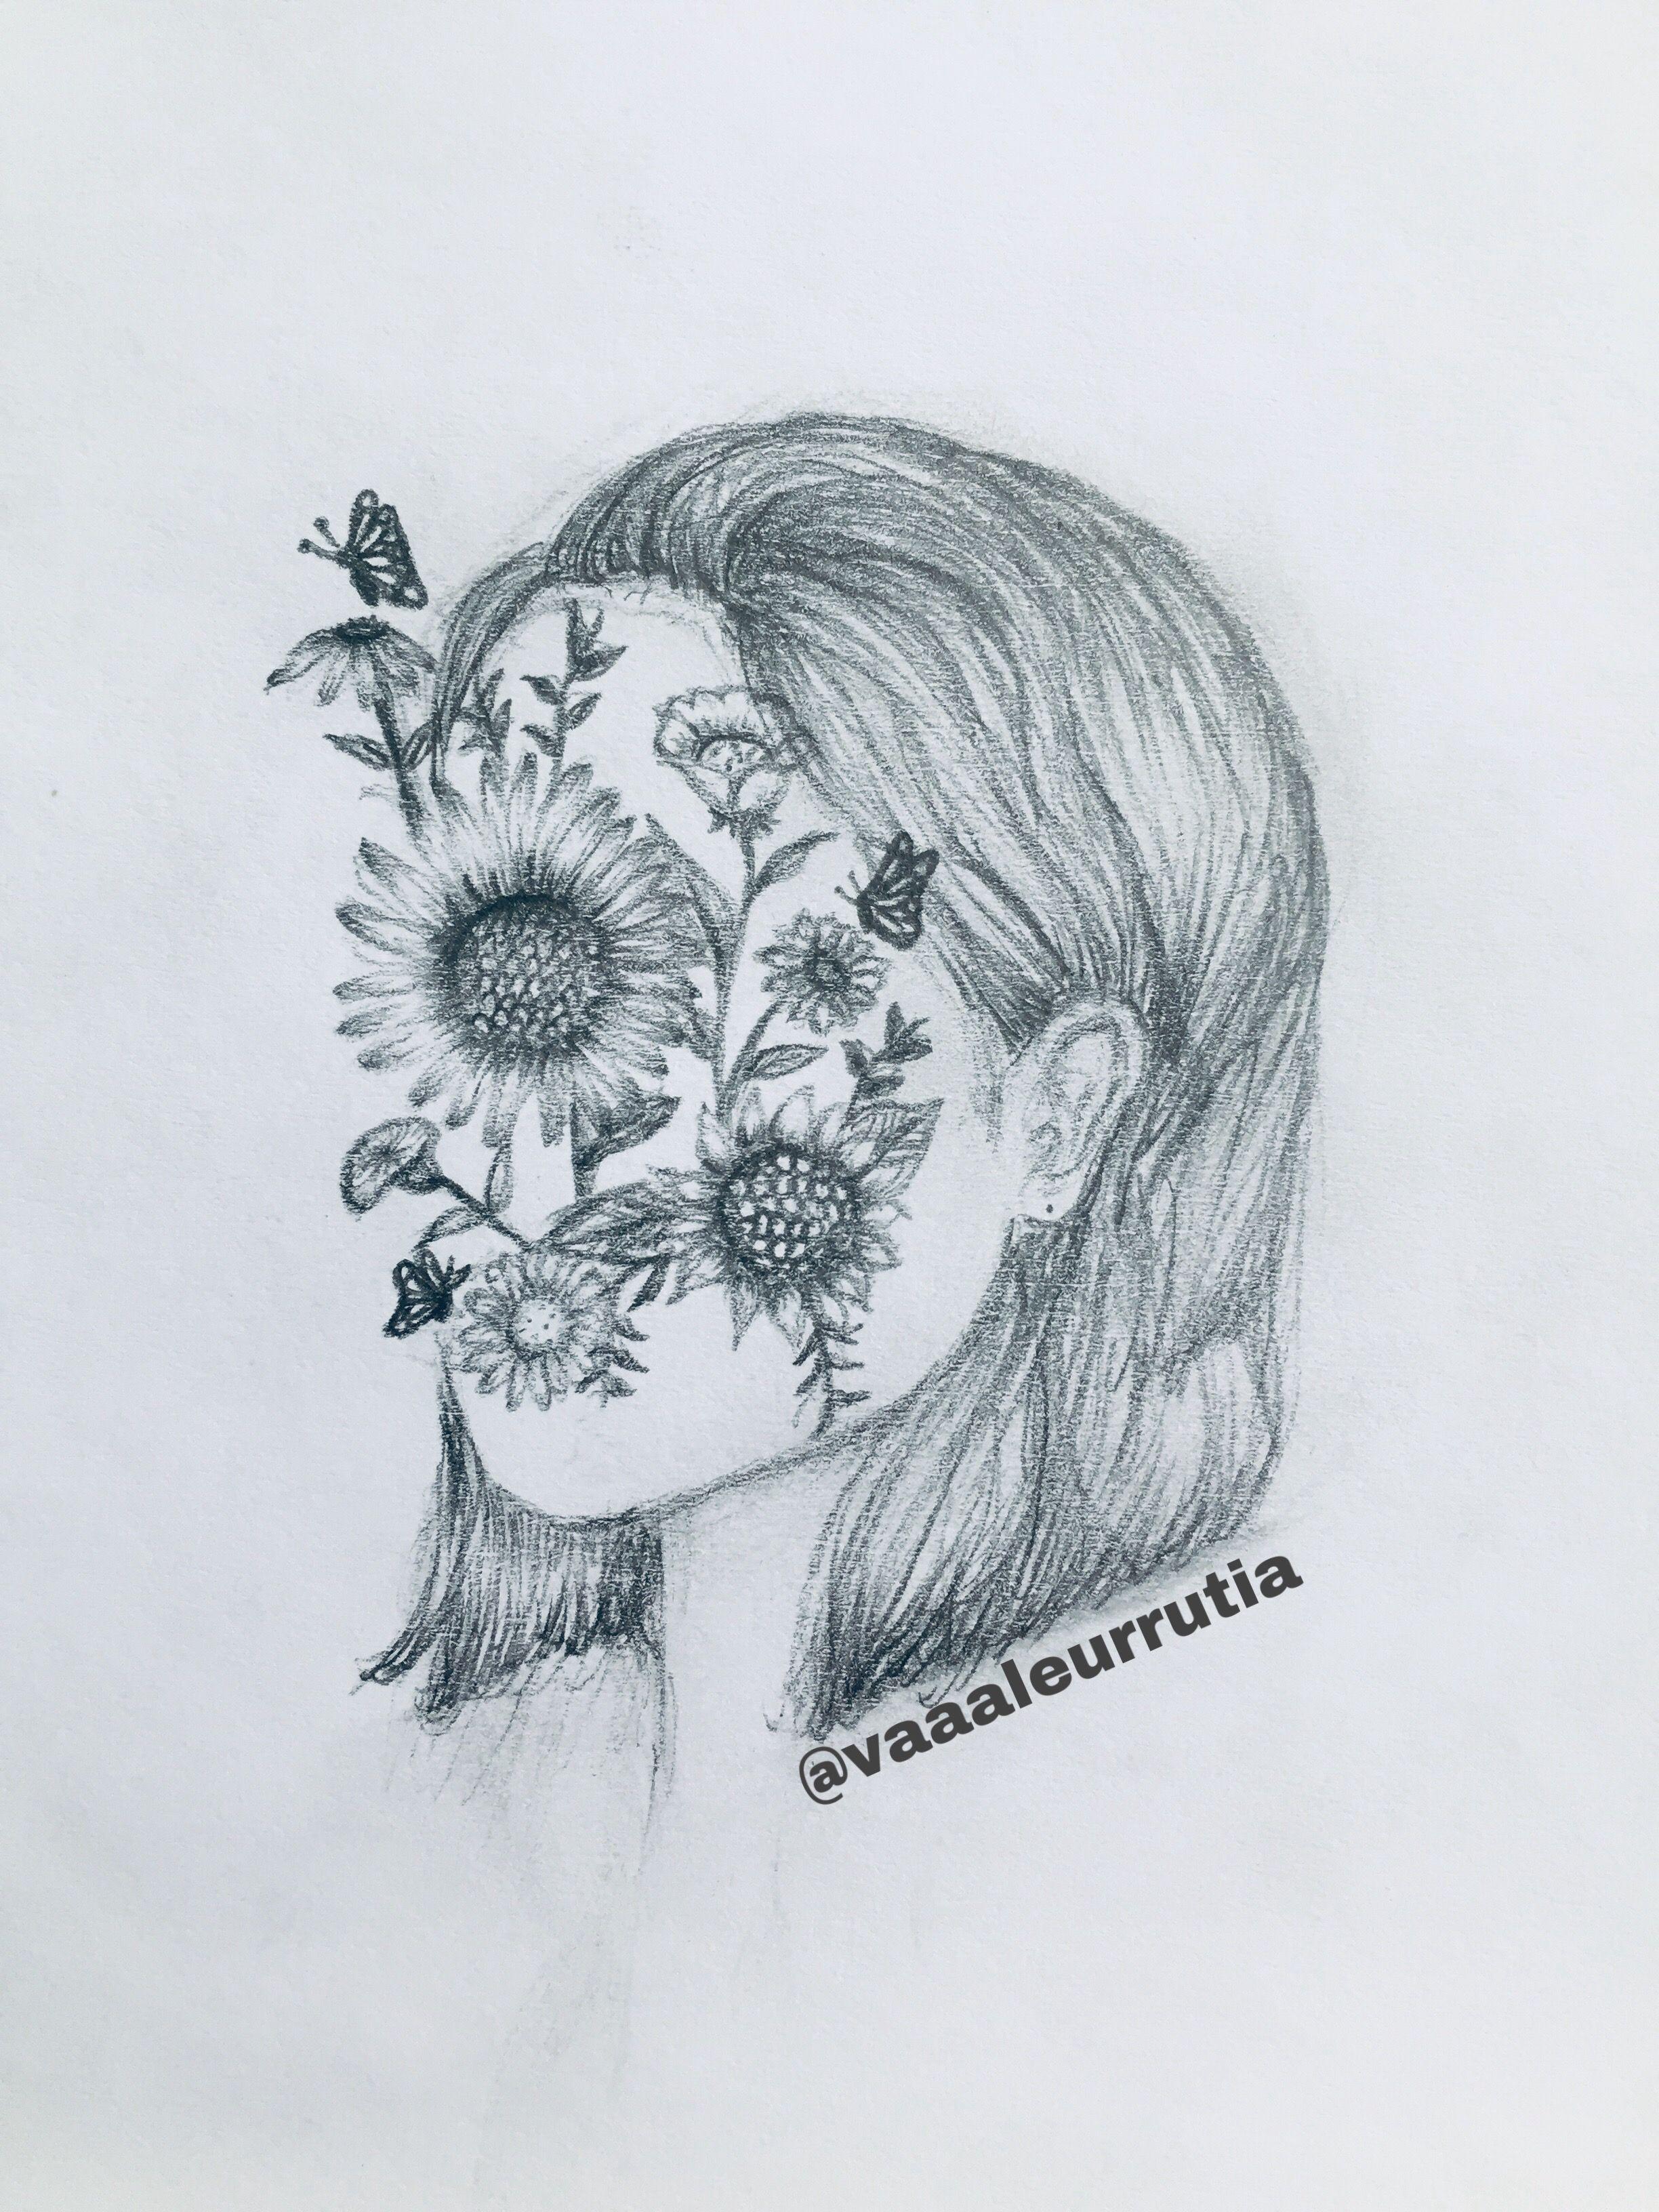 Retrato Mujer Y Flores Dibujos Hechos A Lapiz Dibujos A Grafito Retratos